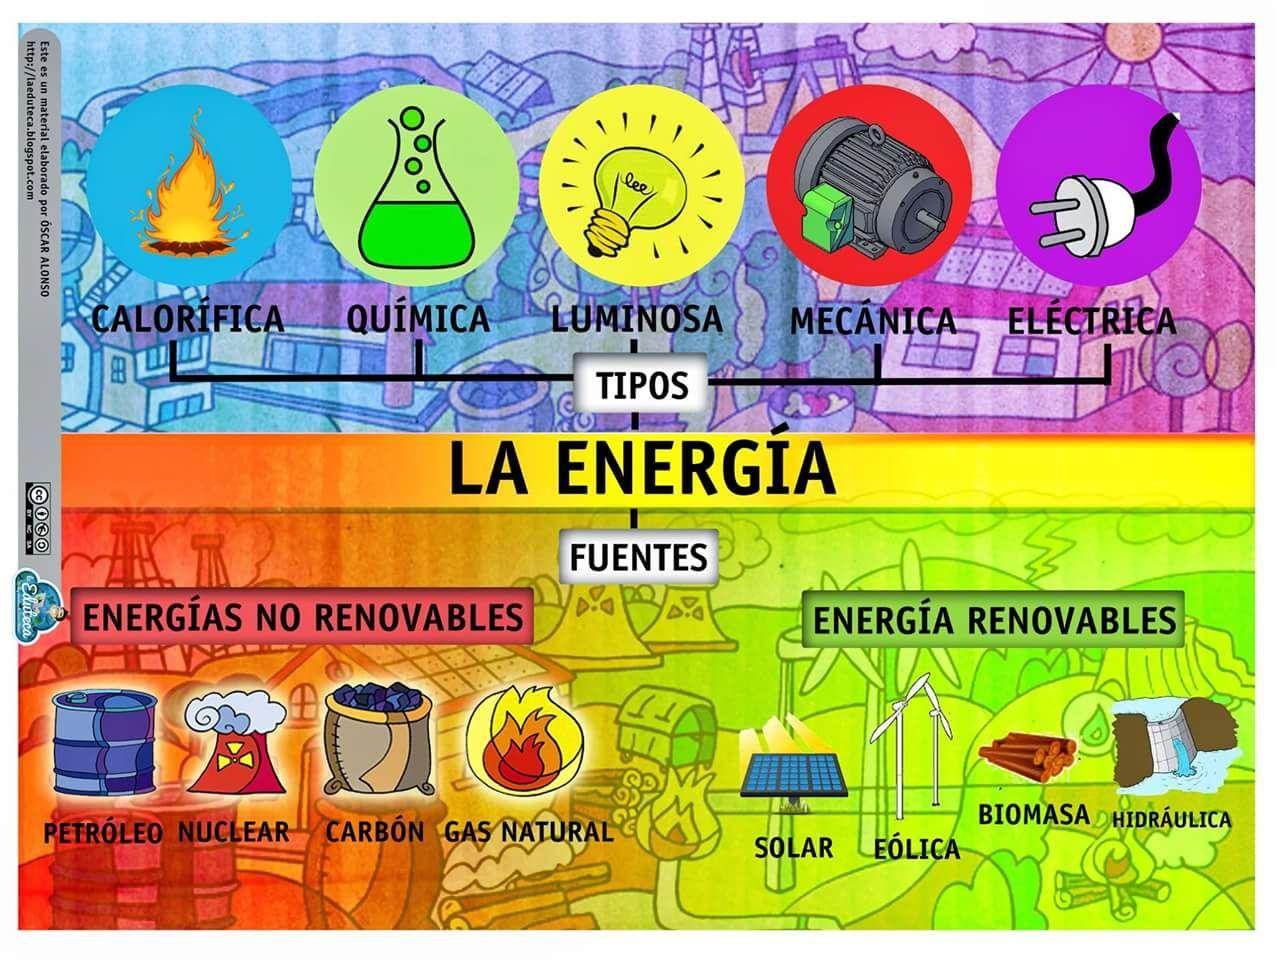 La Energía Tipos Y Fuentes Energía Renovable Para Niños Tipos De Energia Renovable Fuentes De Energia Renovable